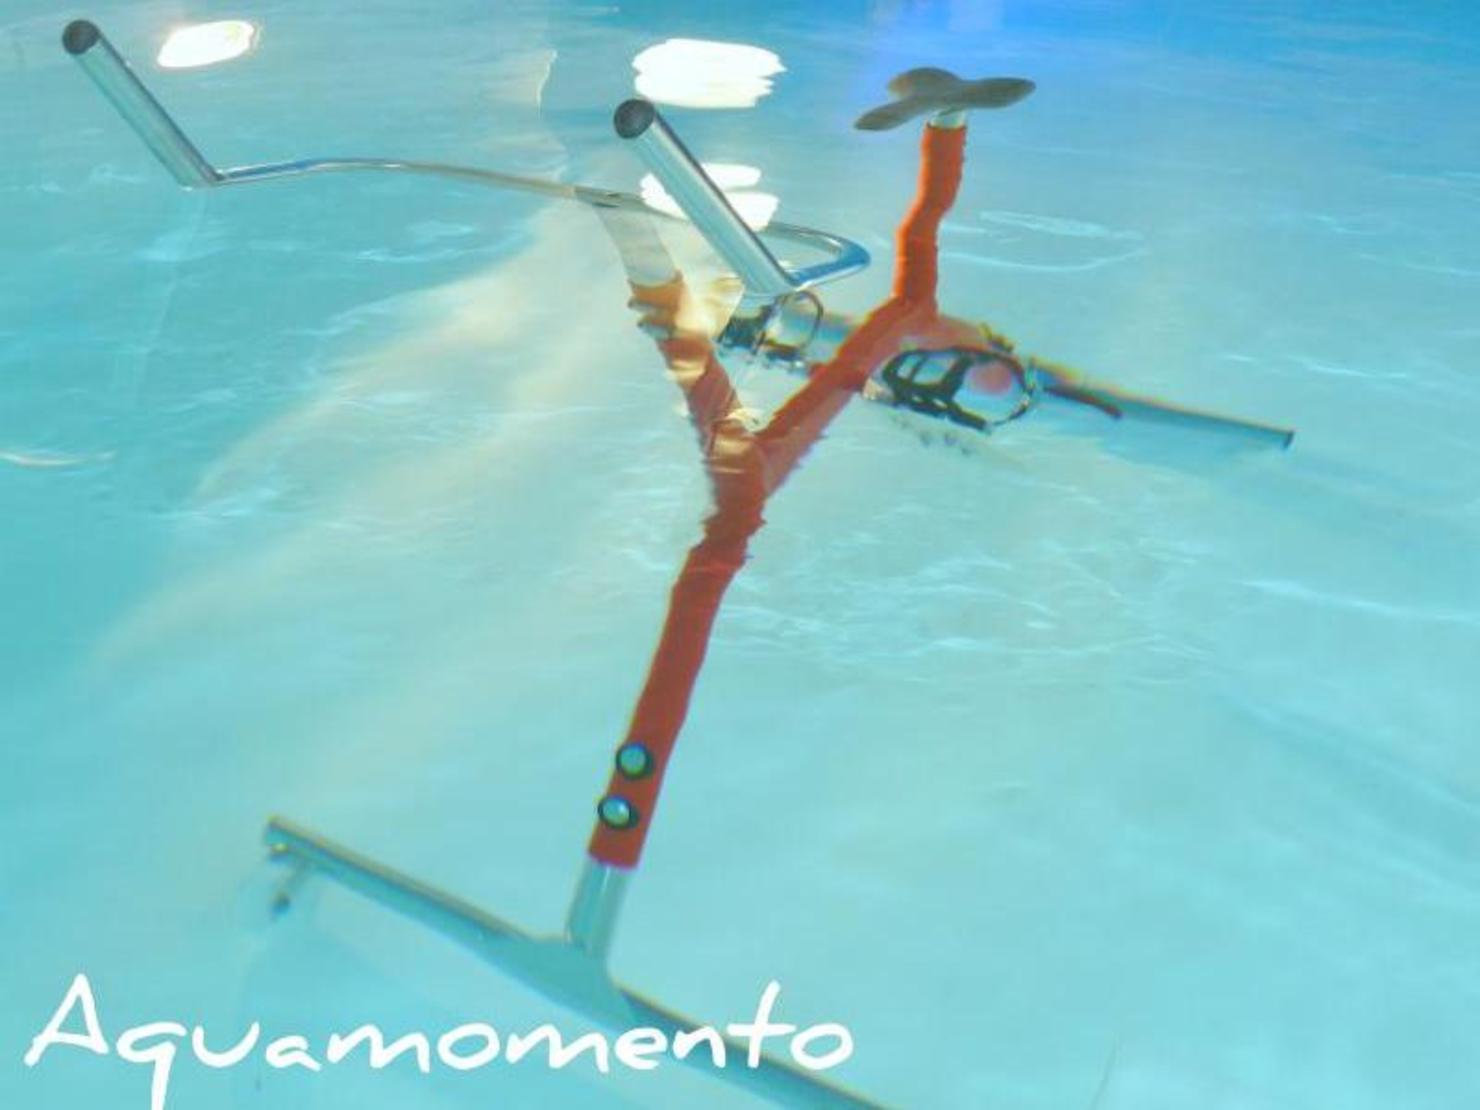 AquaMomento